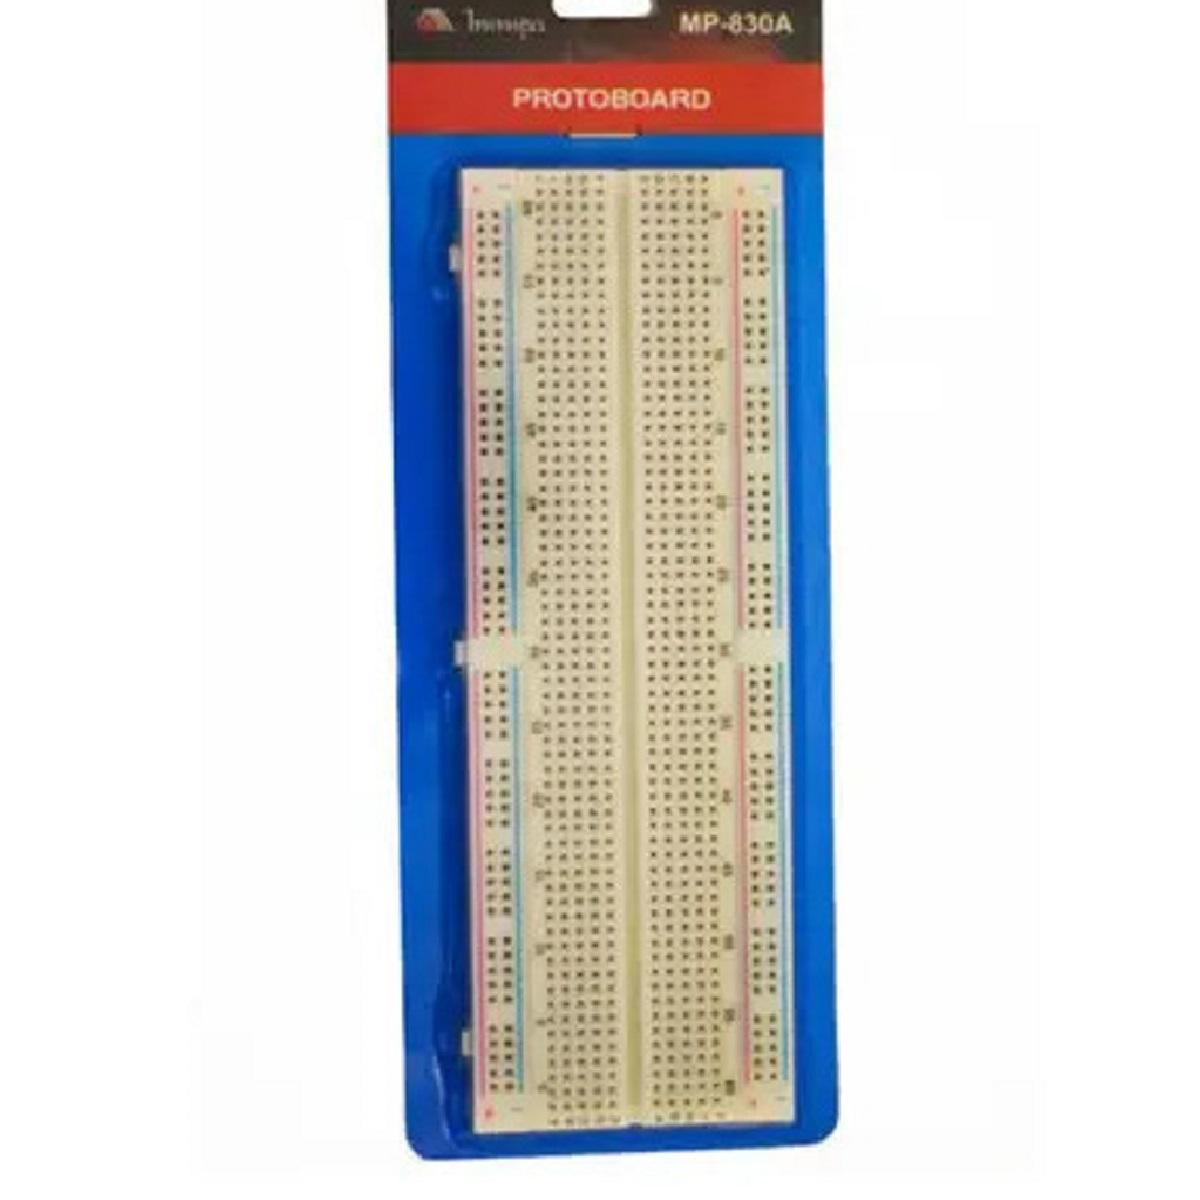 Protoboard MP-830A Minipa  - EMPORIO K